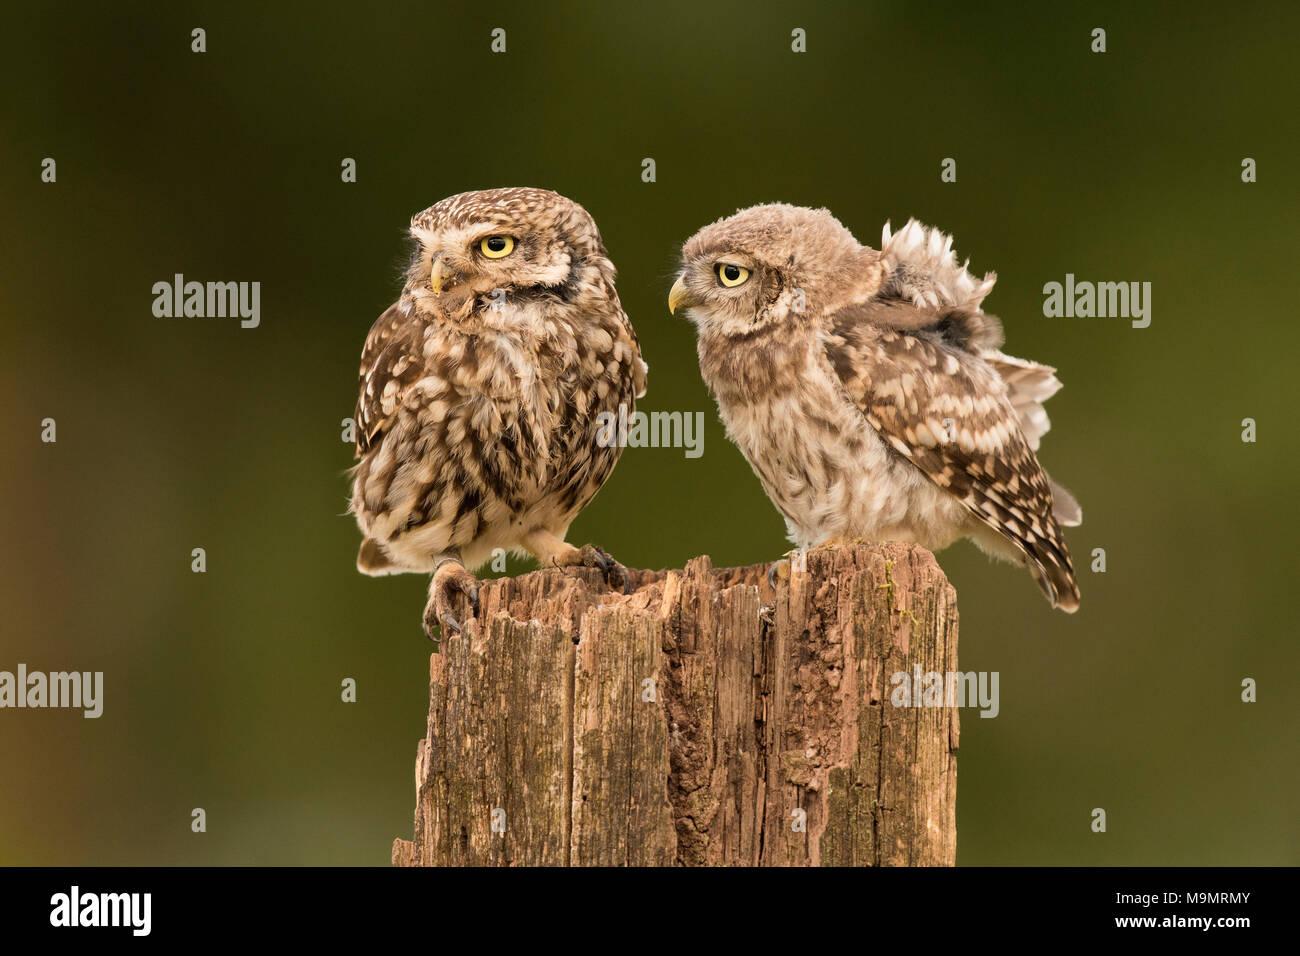 Pequeño búho (Athene noctua), pájaro adulto mit joven animal, Renania-Palatinado, Alemania Imagen De Stock